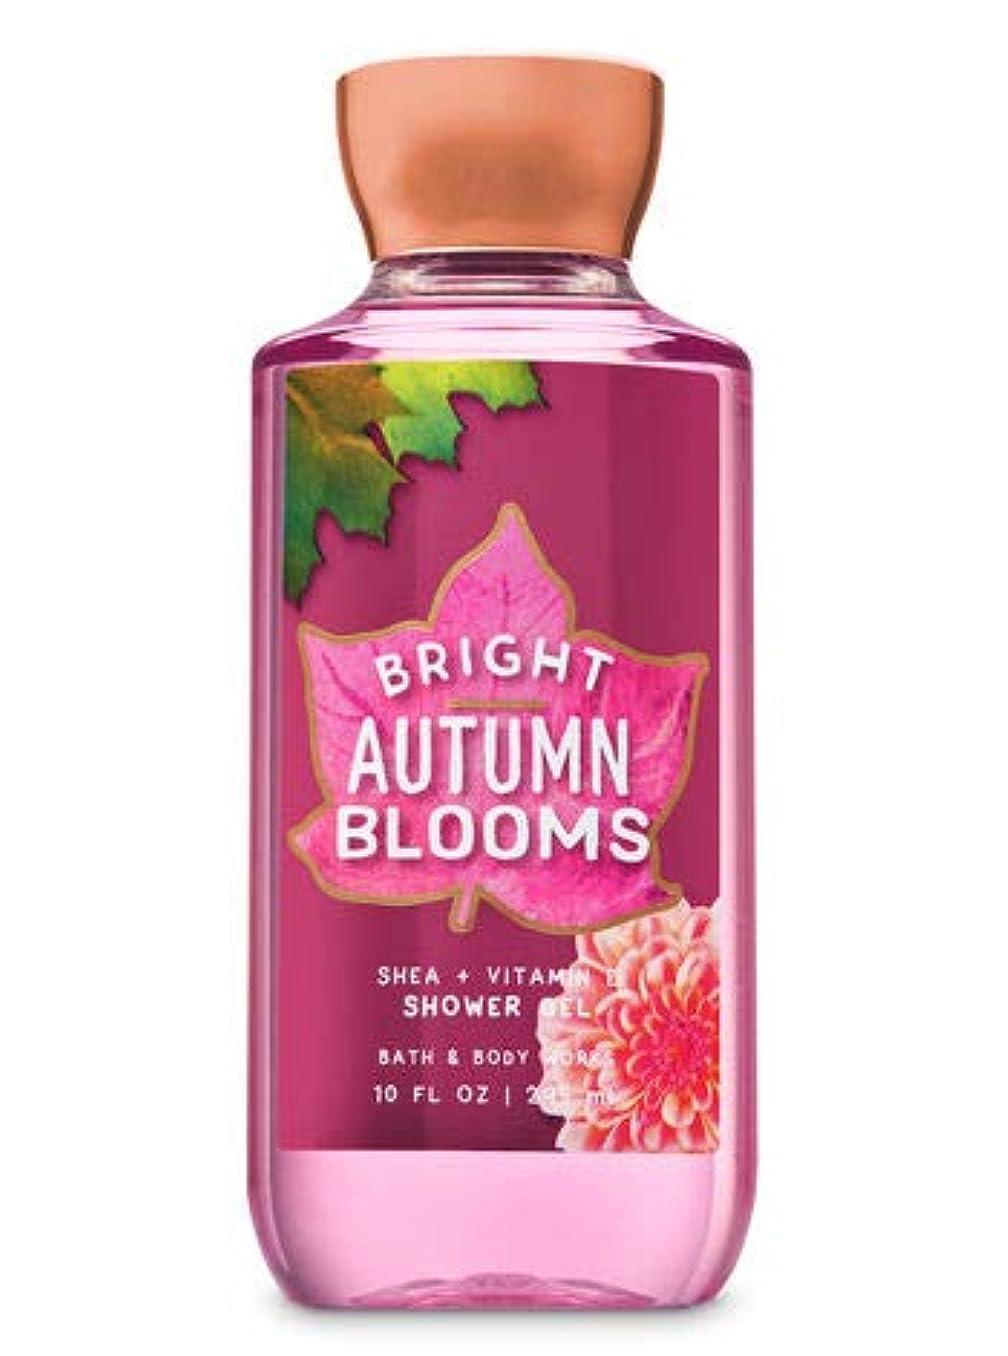 夕食を作るマラドロイトから聞く【Bath&Body Works/バス&ボディワークス】 シャワージェル ブライトオータムブルーム Shower Gel Bright Autumn Blooms 10 fl oz / 295 mL [並行輸入品]